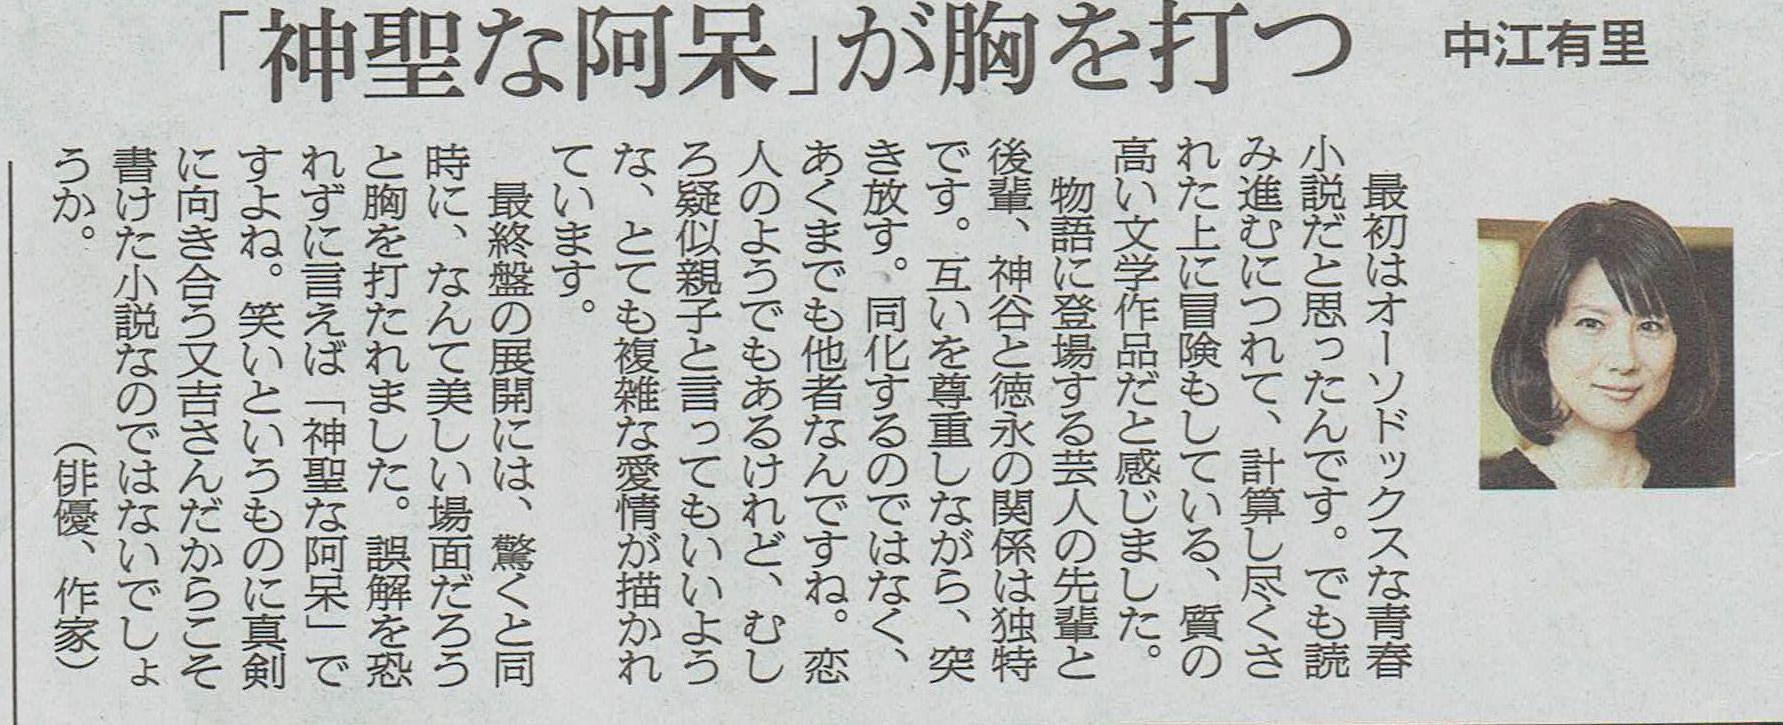 2015年7月22日前期「口承研究Ⅰ」第15回まとめ・敗戦70年その3_d0249595_1133718.jpg